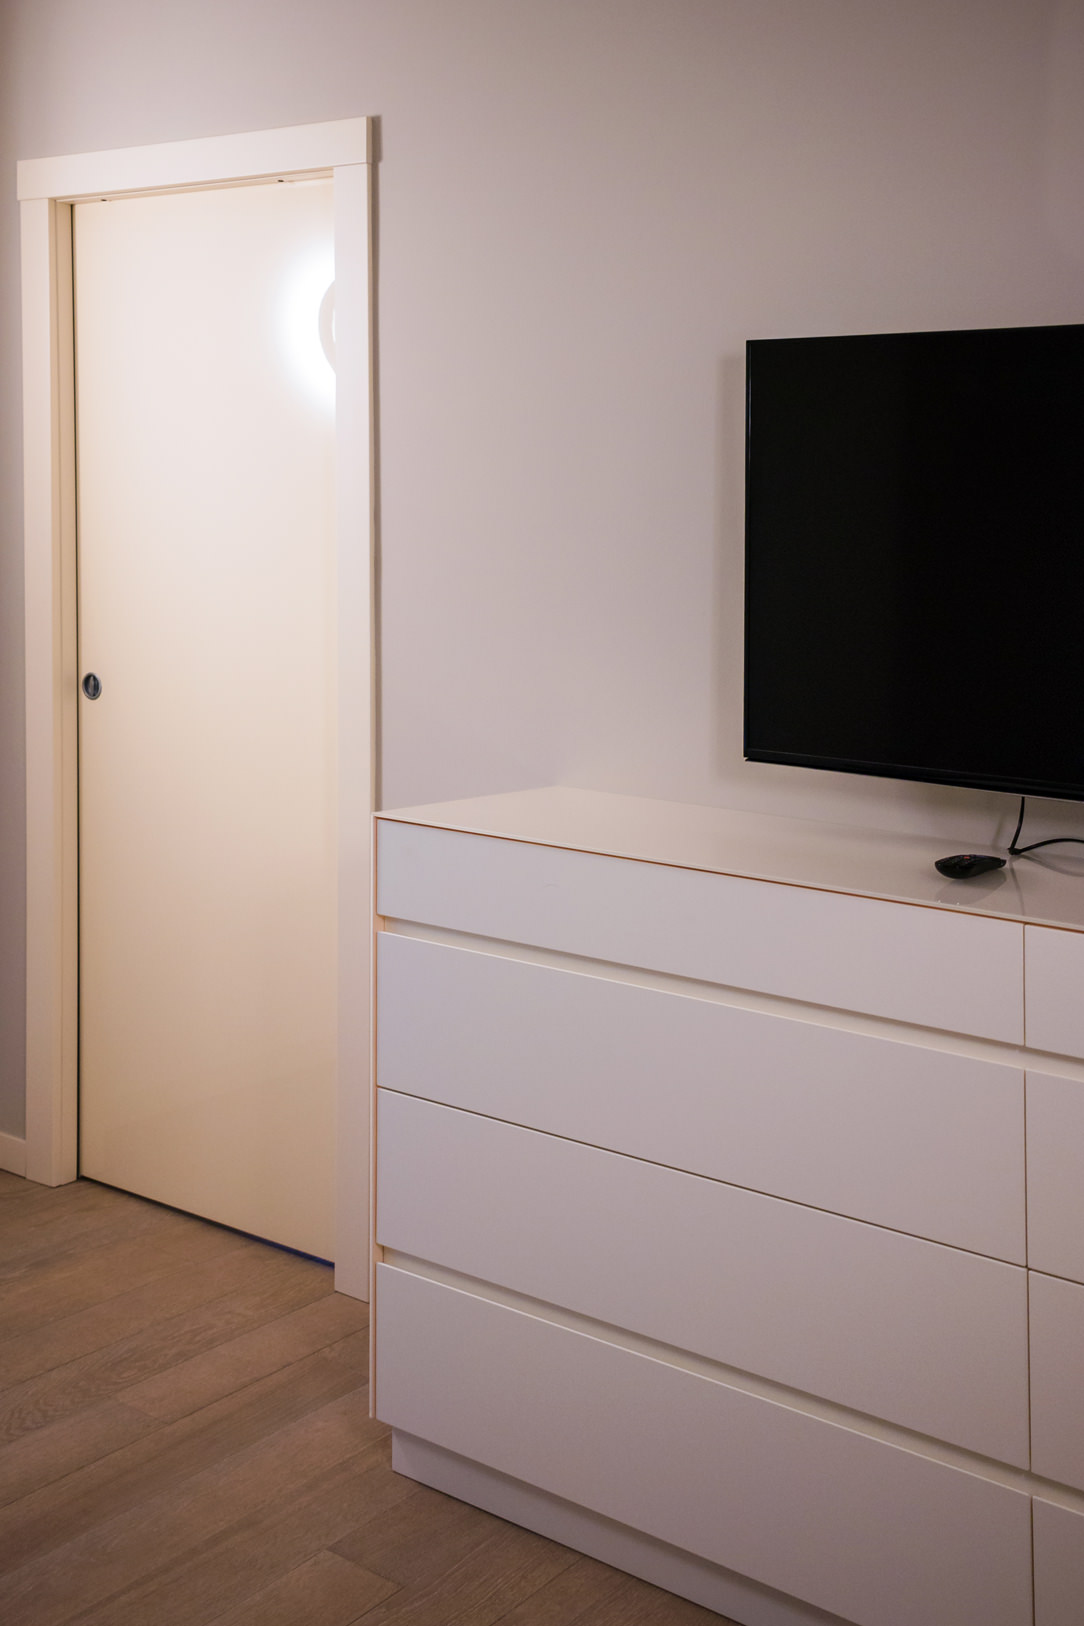 appartamento Bergamo camera cassettiera